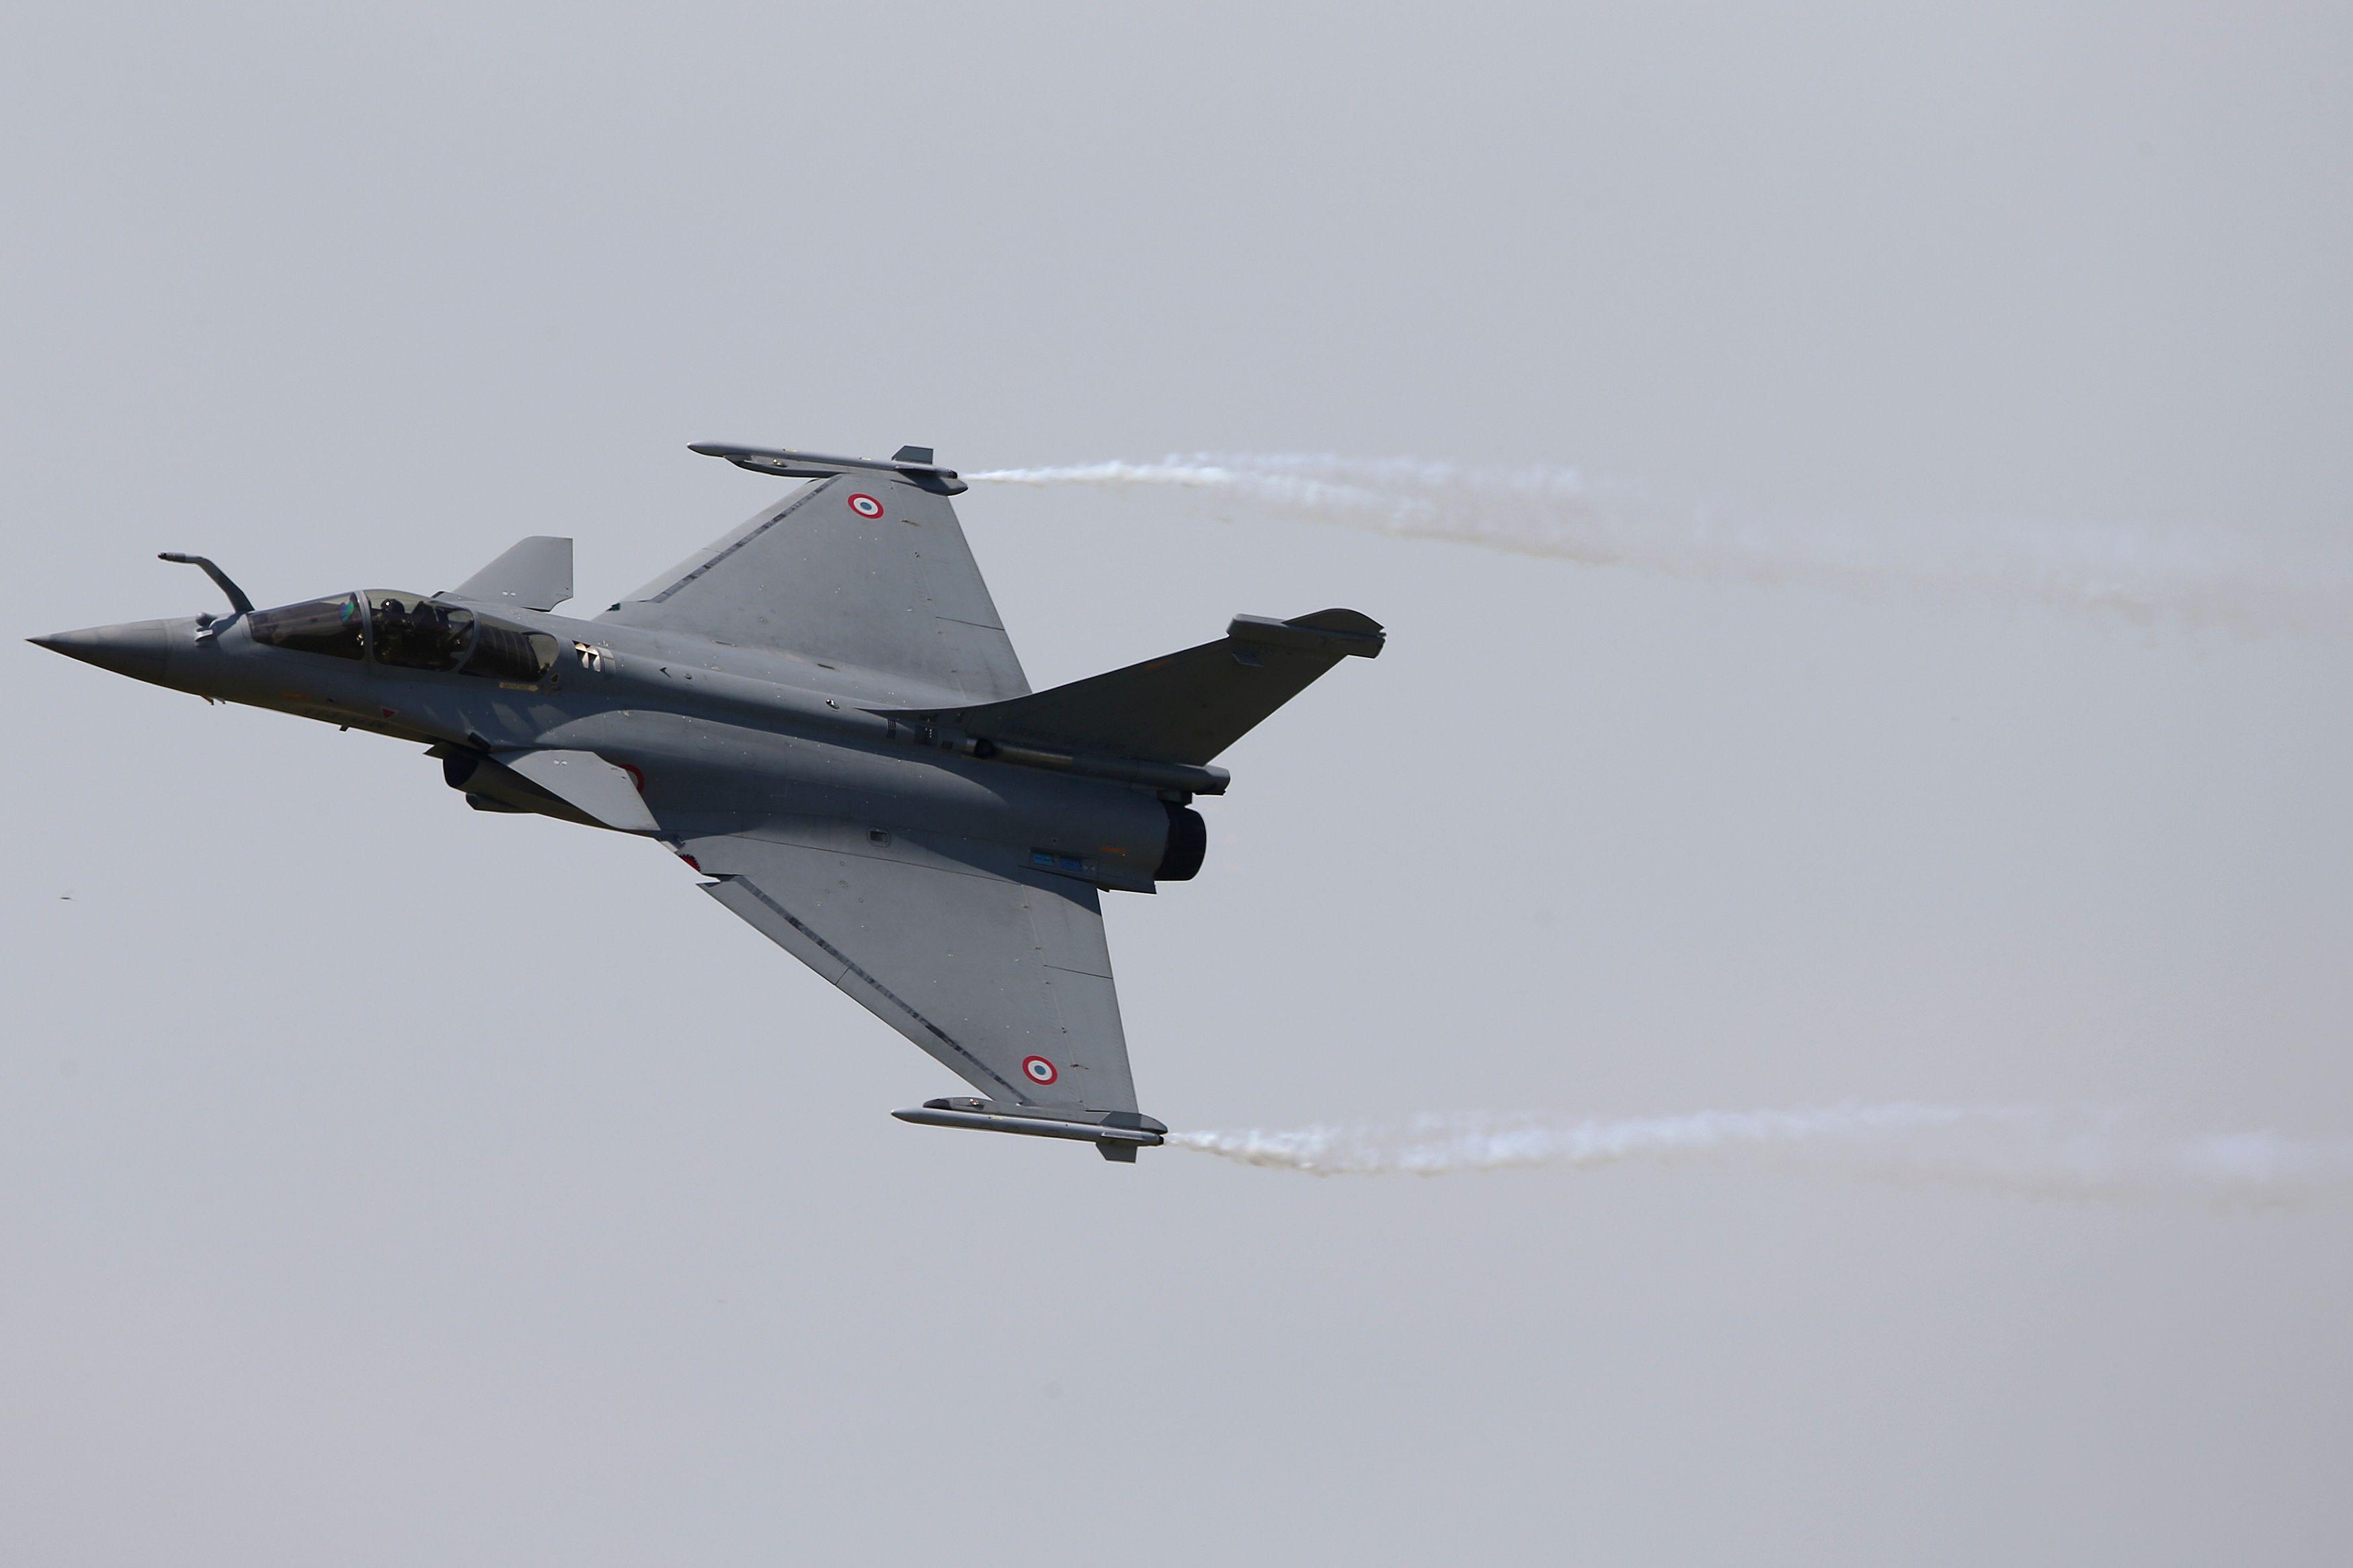 L'Inde, acheteur du Rafale, a besoin de 200 à 250 avions de plus dans la catégorie, selon le chef d'état-major de l'armée de l'air